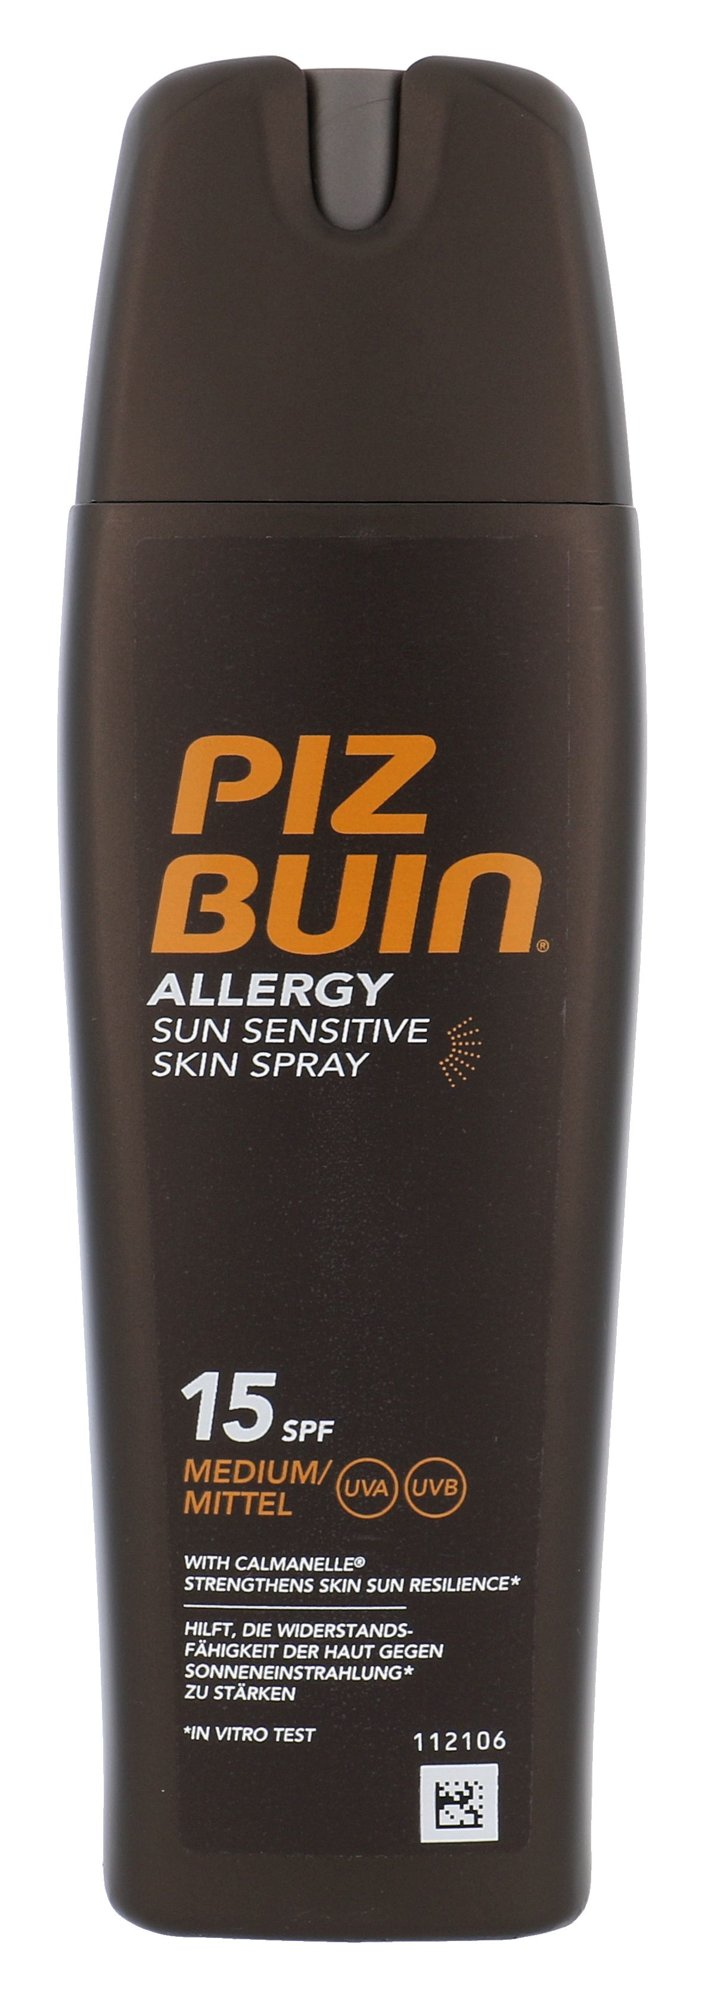 Apsaugai nuo saulės Piz Buin Allergy Spray SPF15